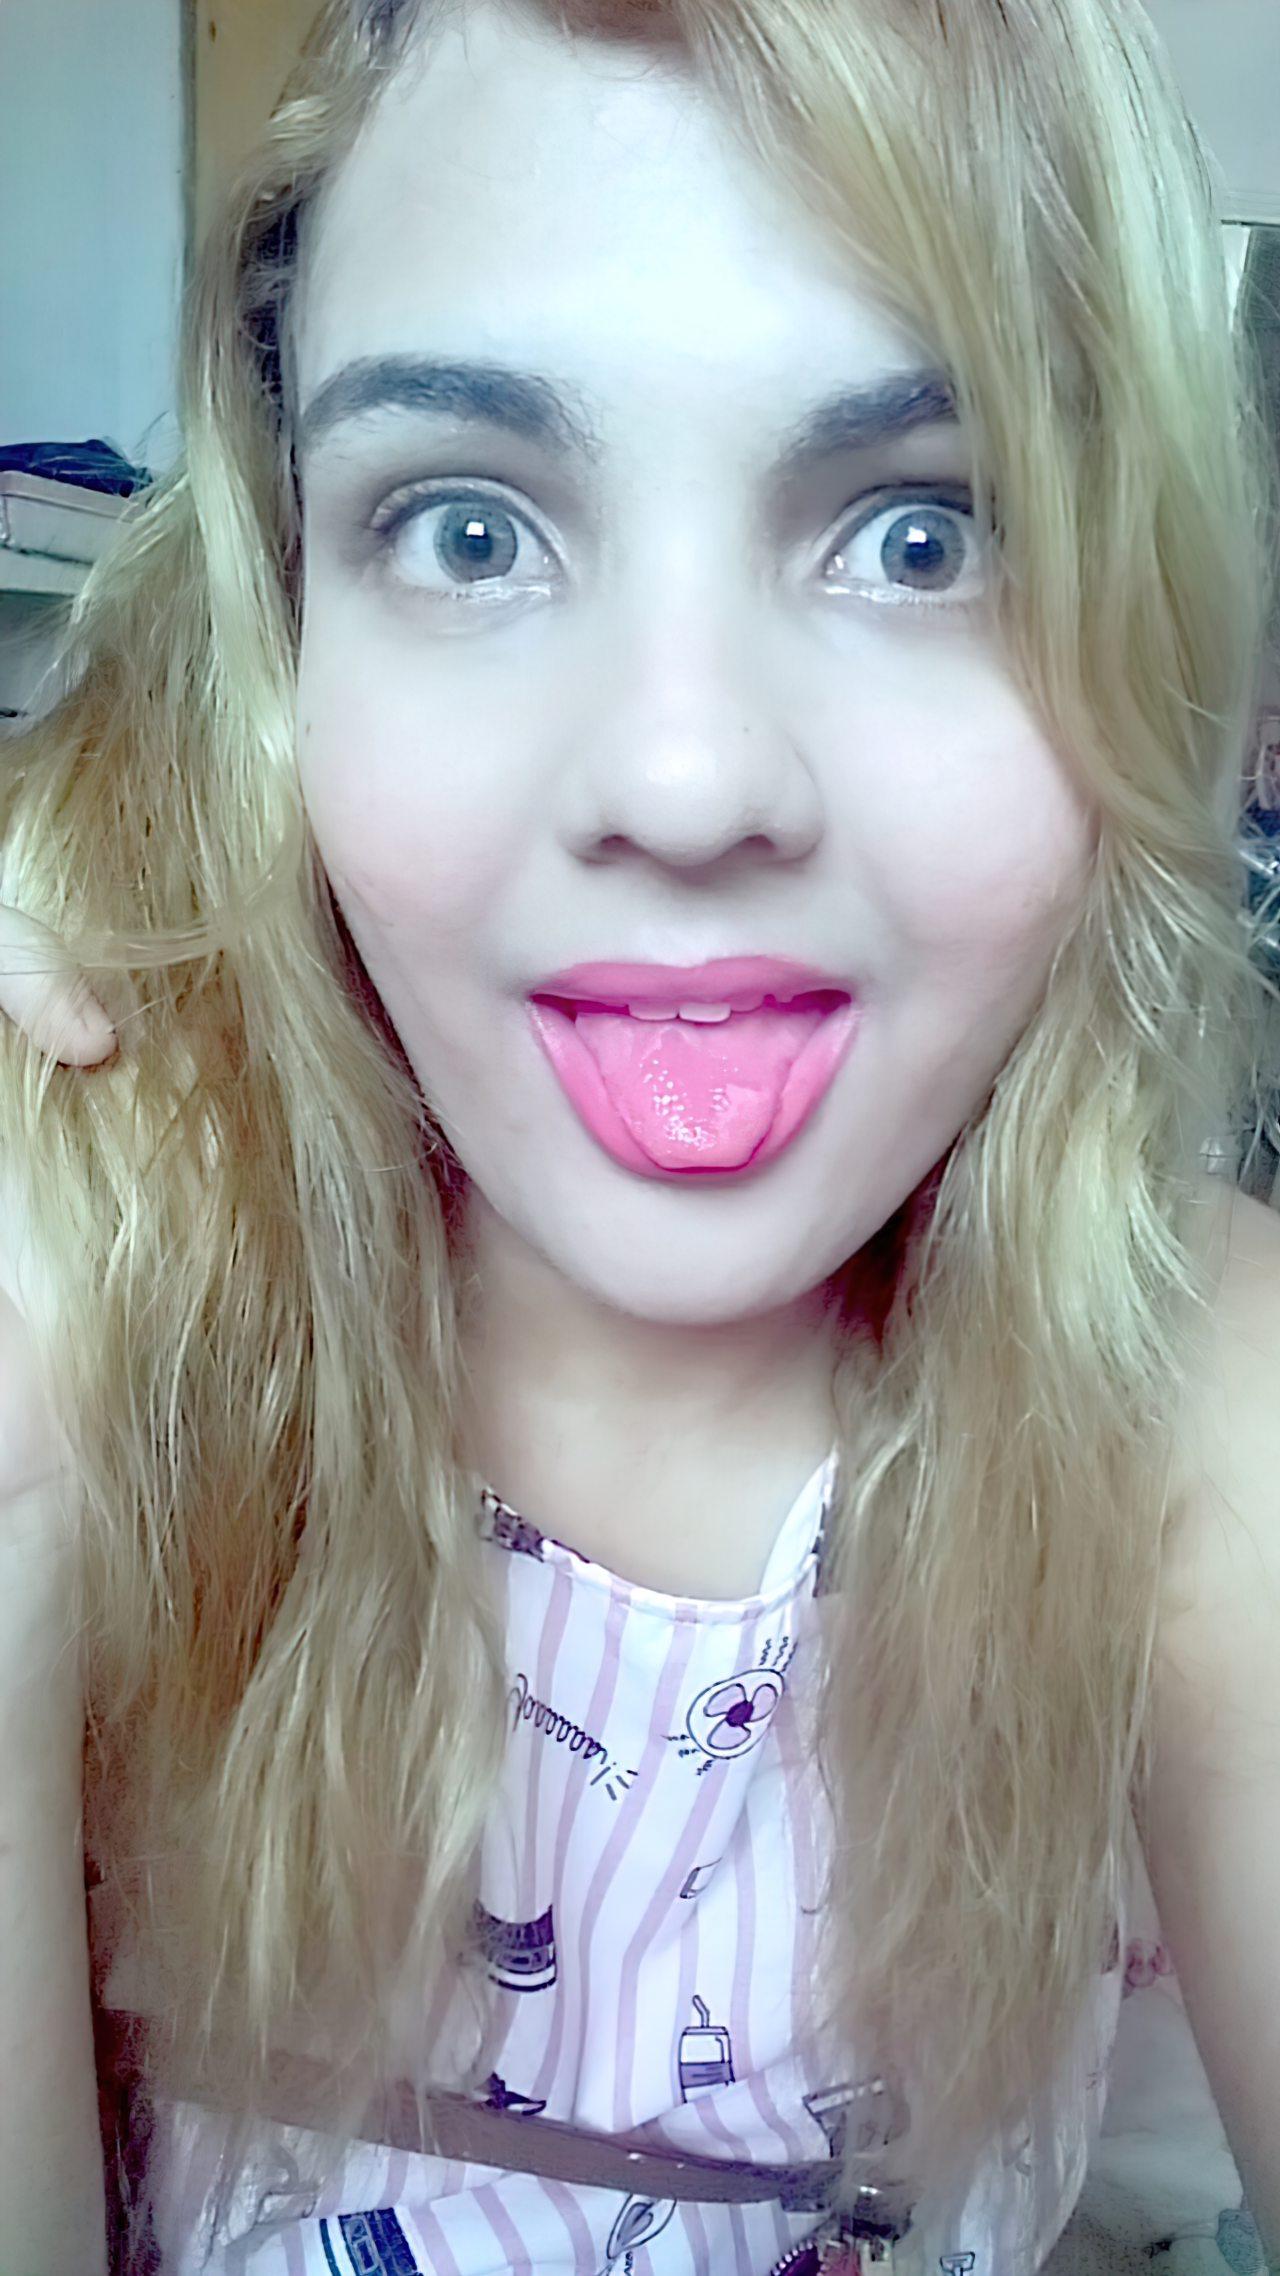 Patrycia Travesti (7)